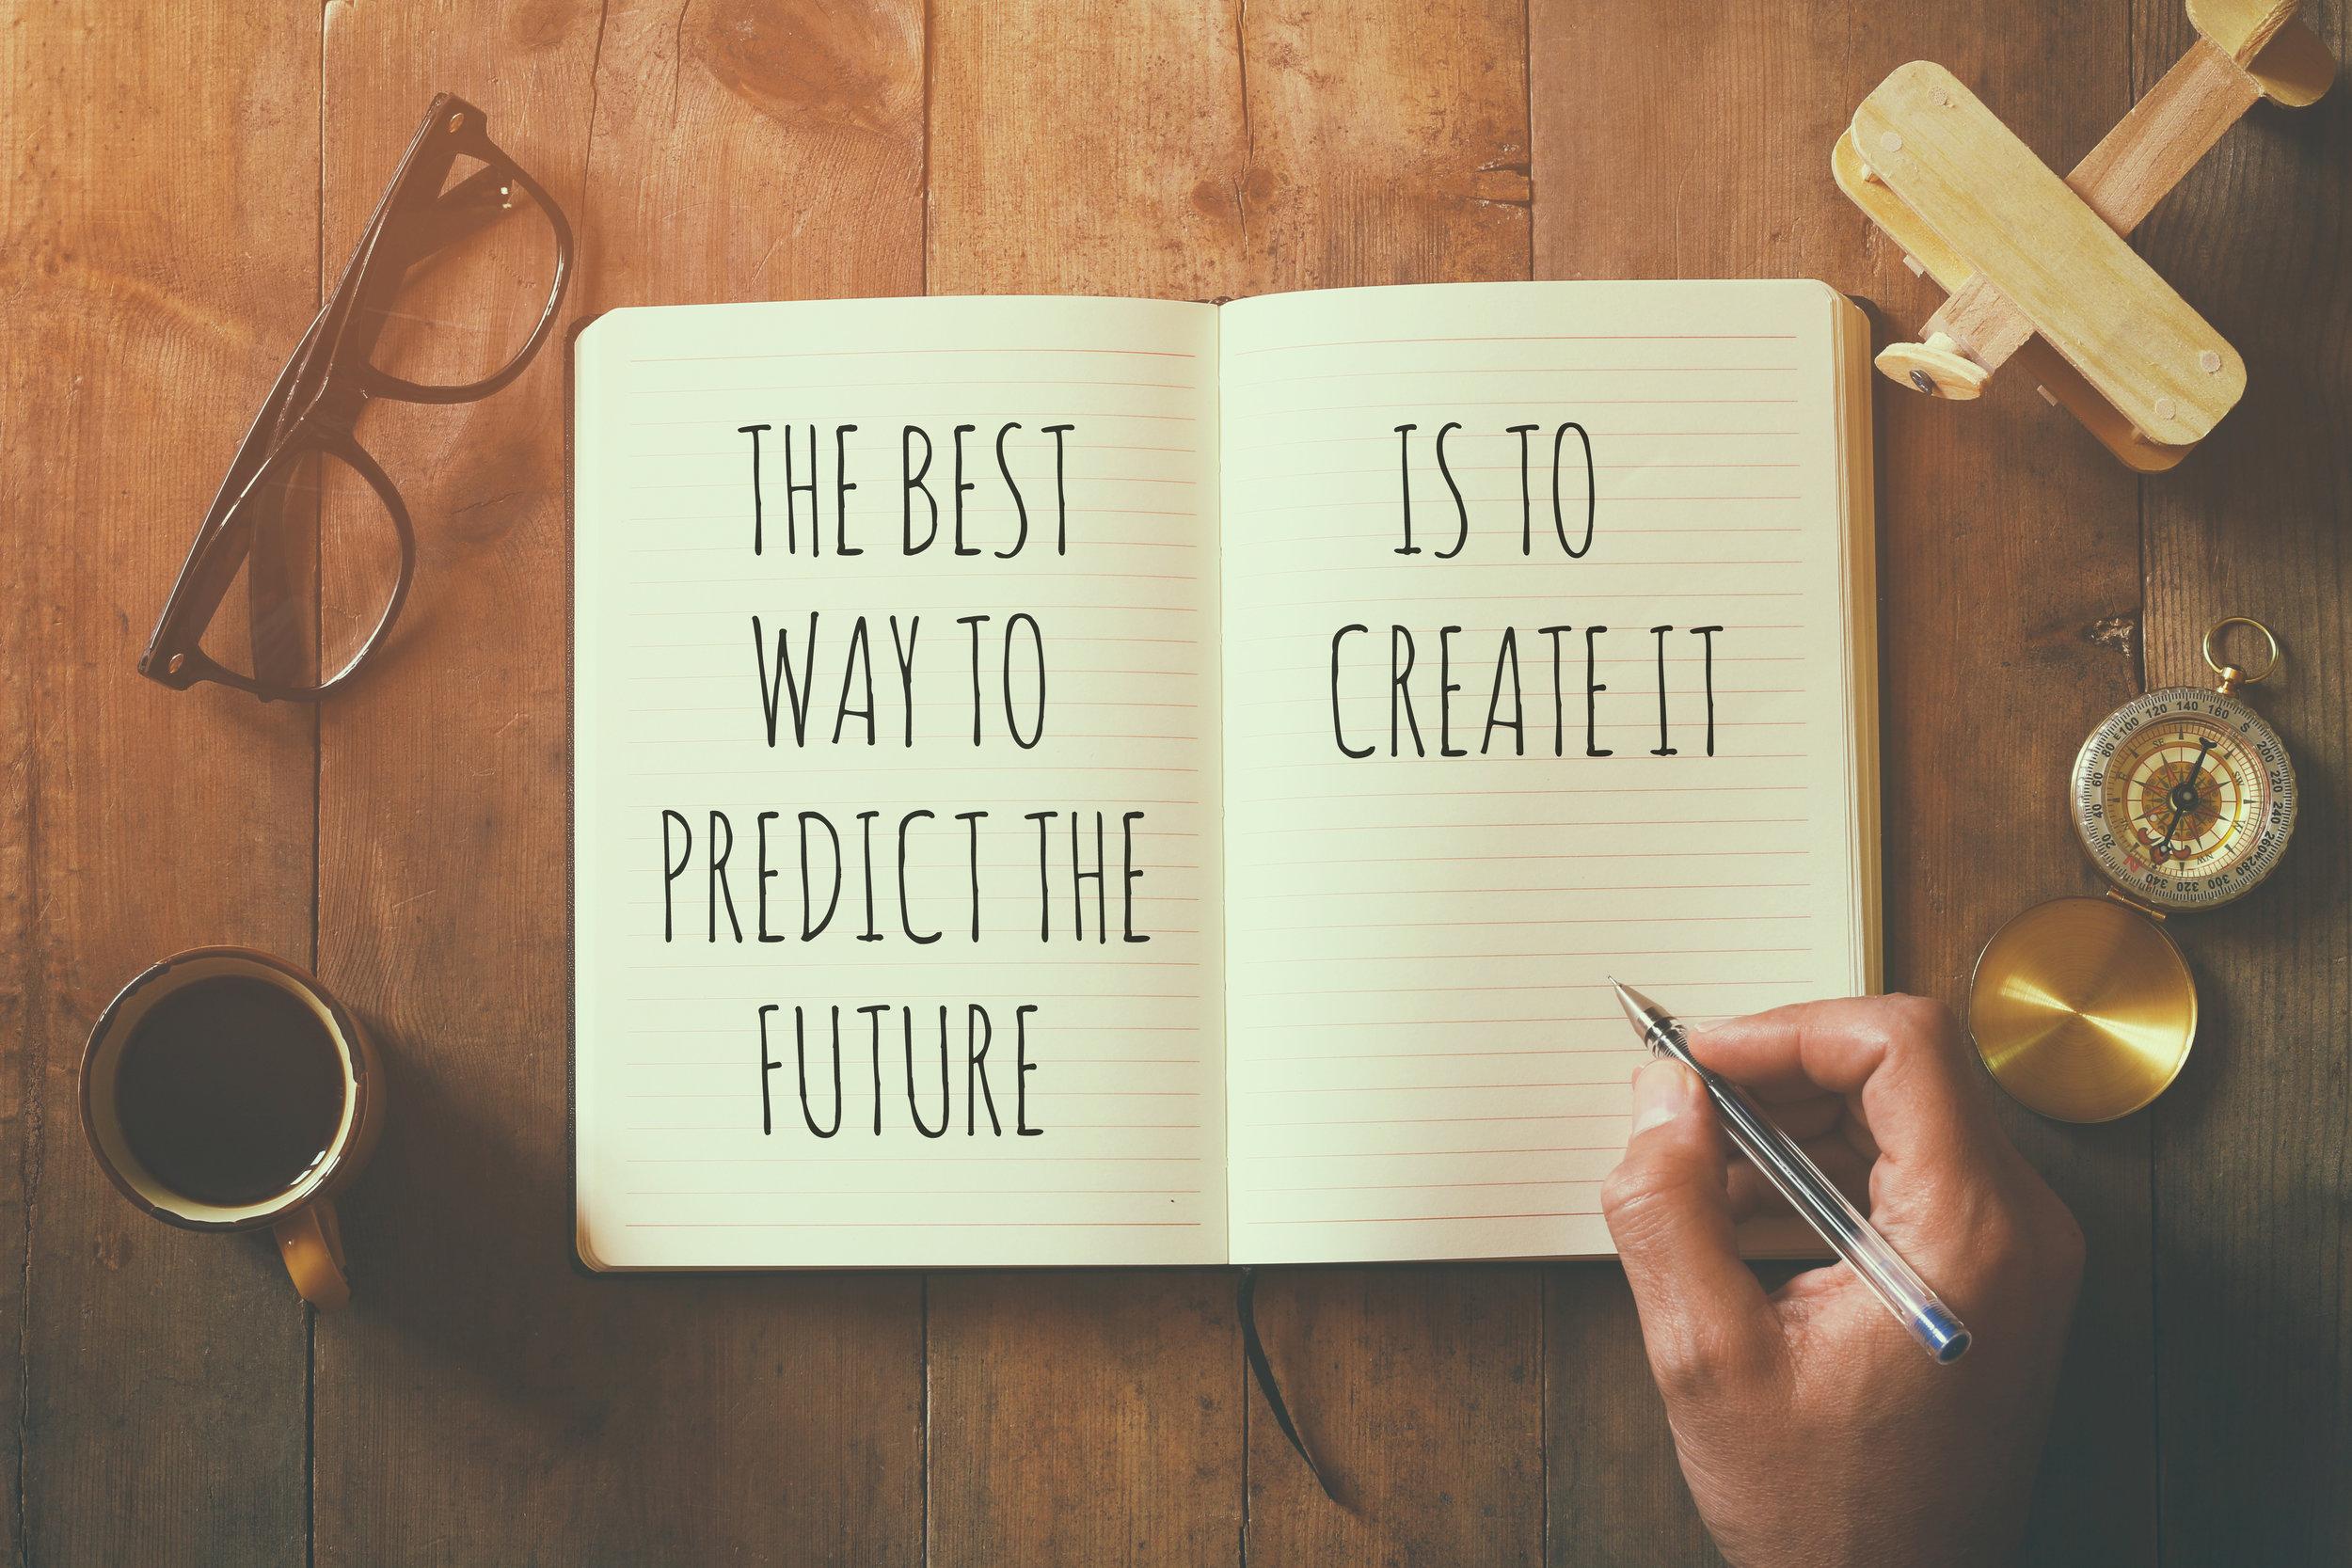 create it.jpeg